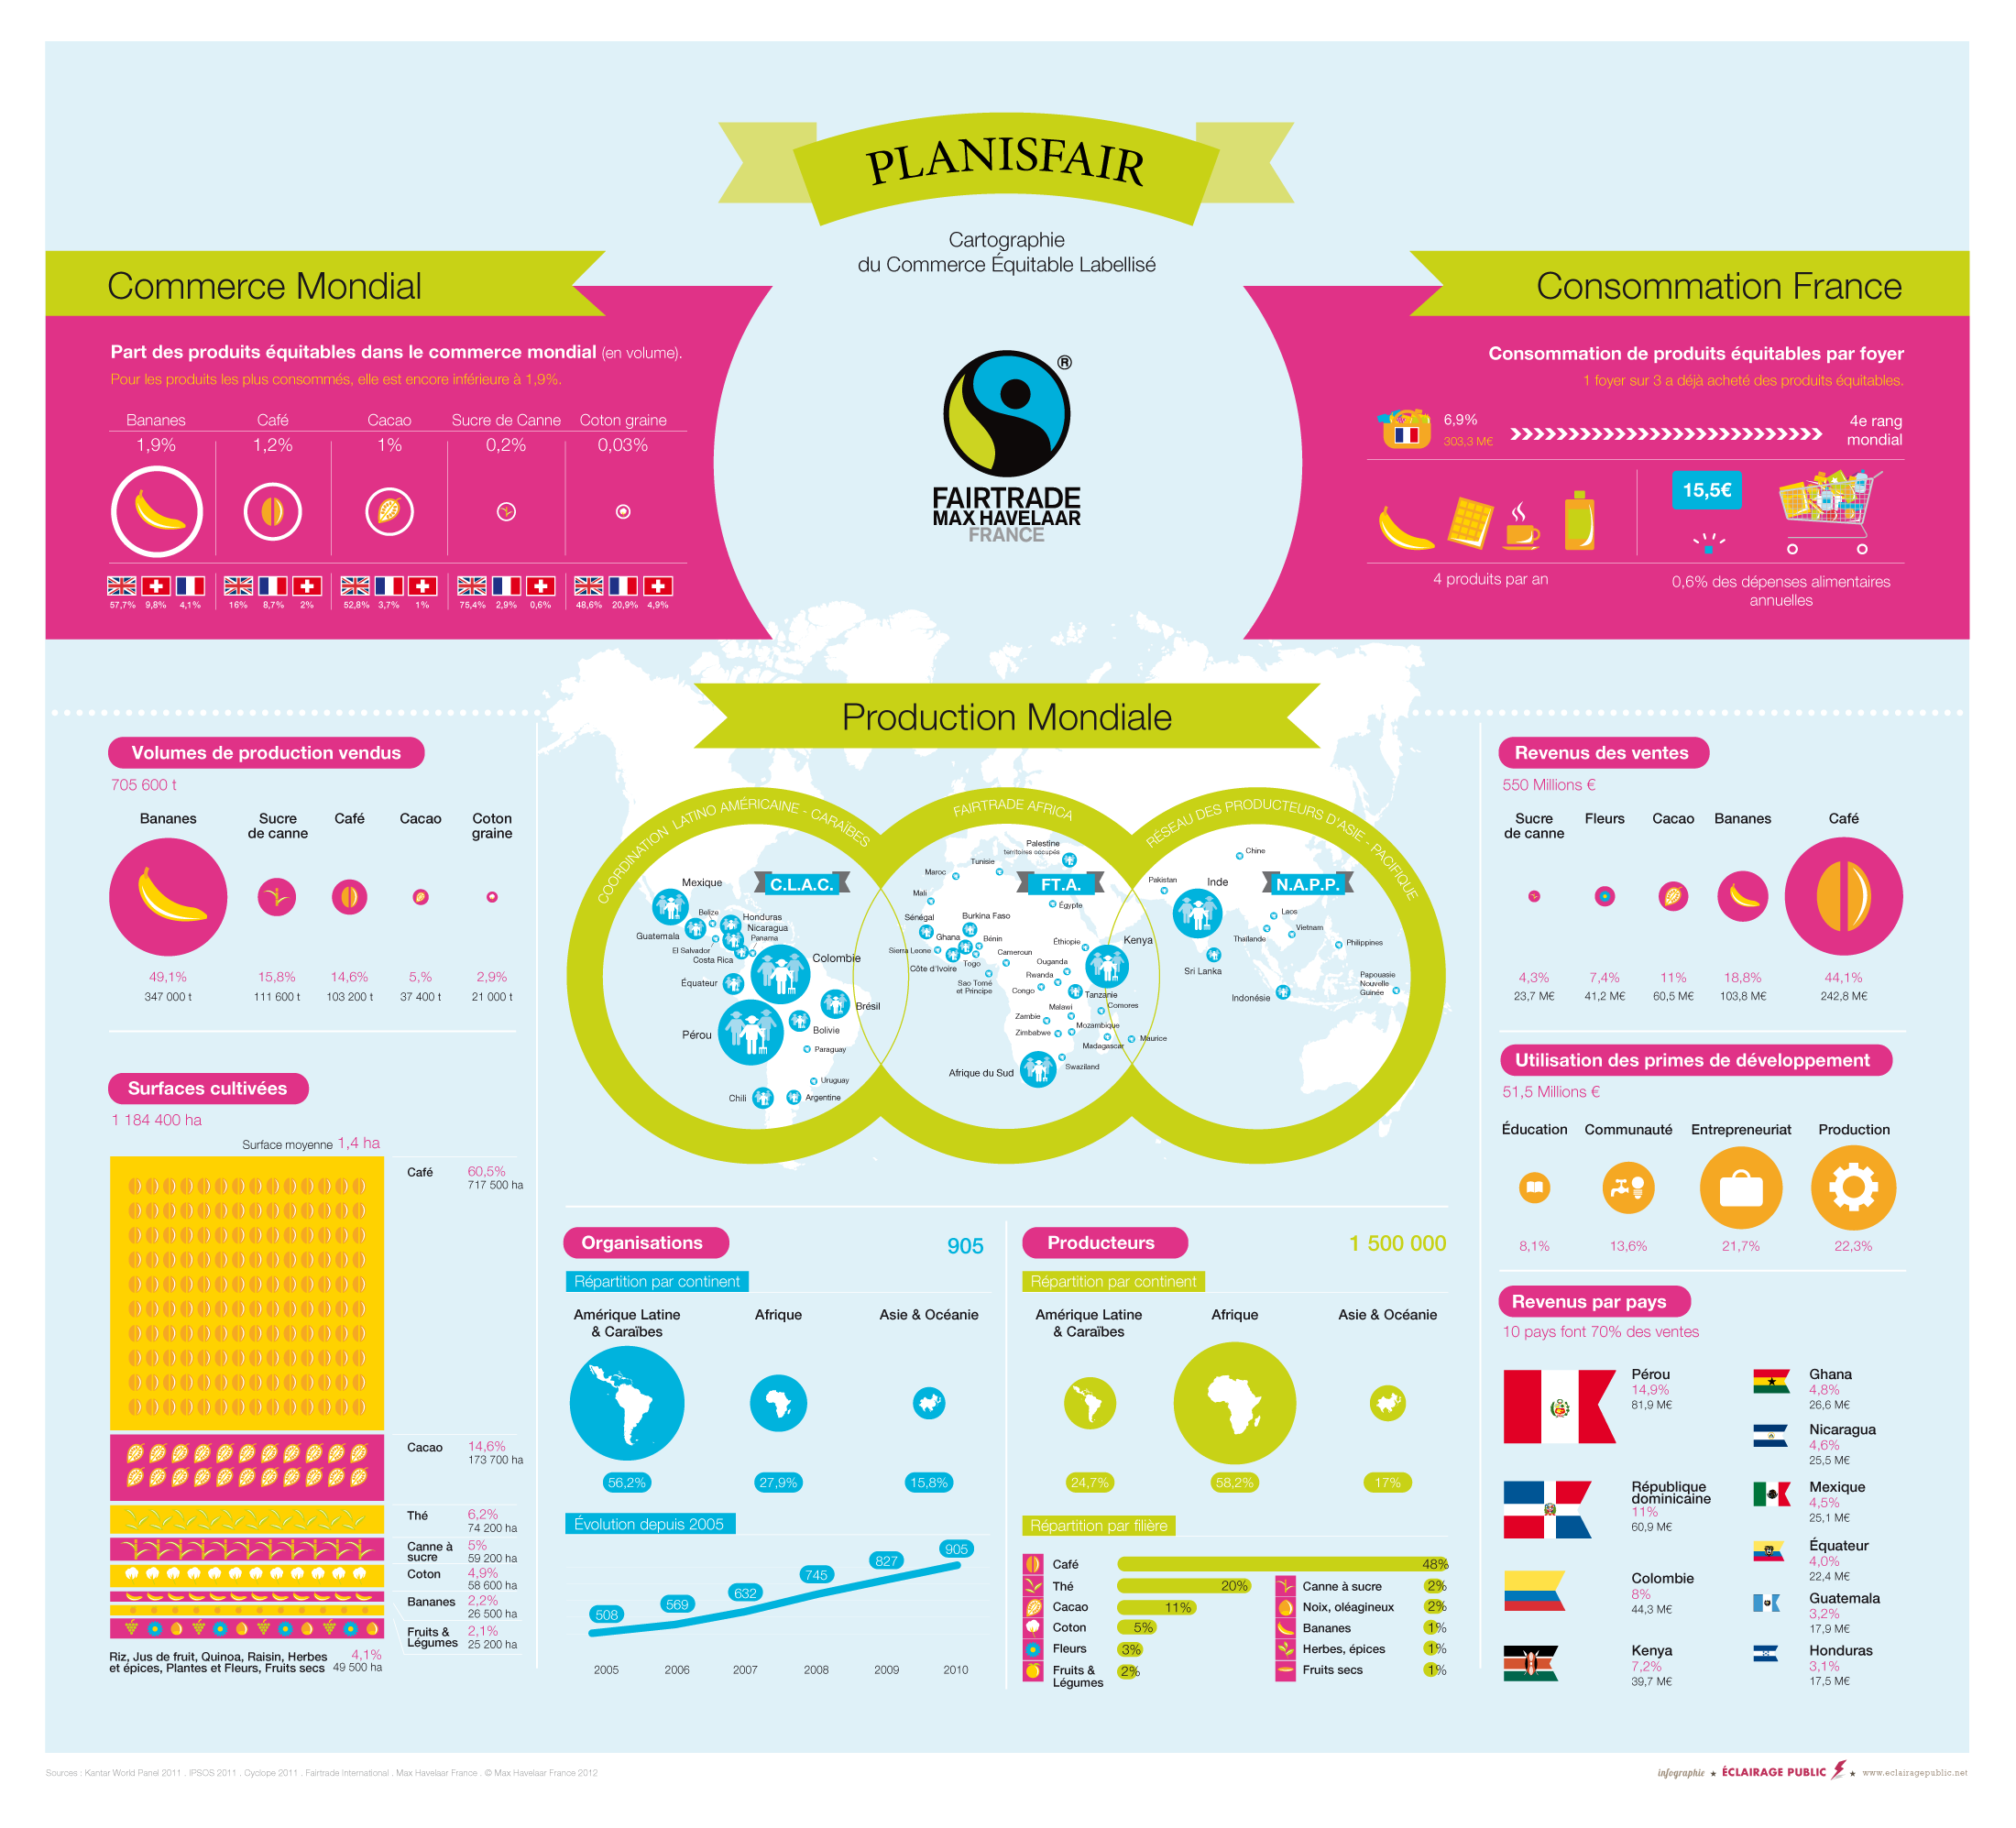 Planisfair - Cartographie du commerce équitable labellisé ...